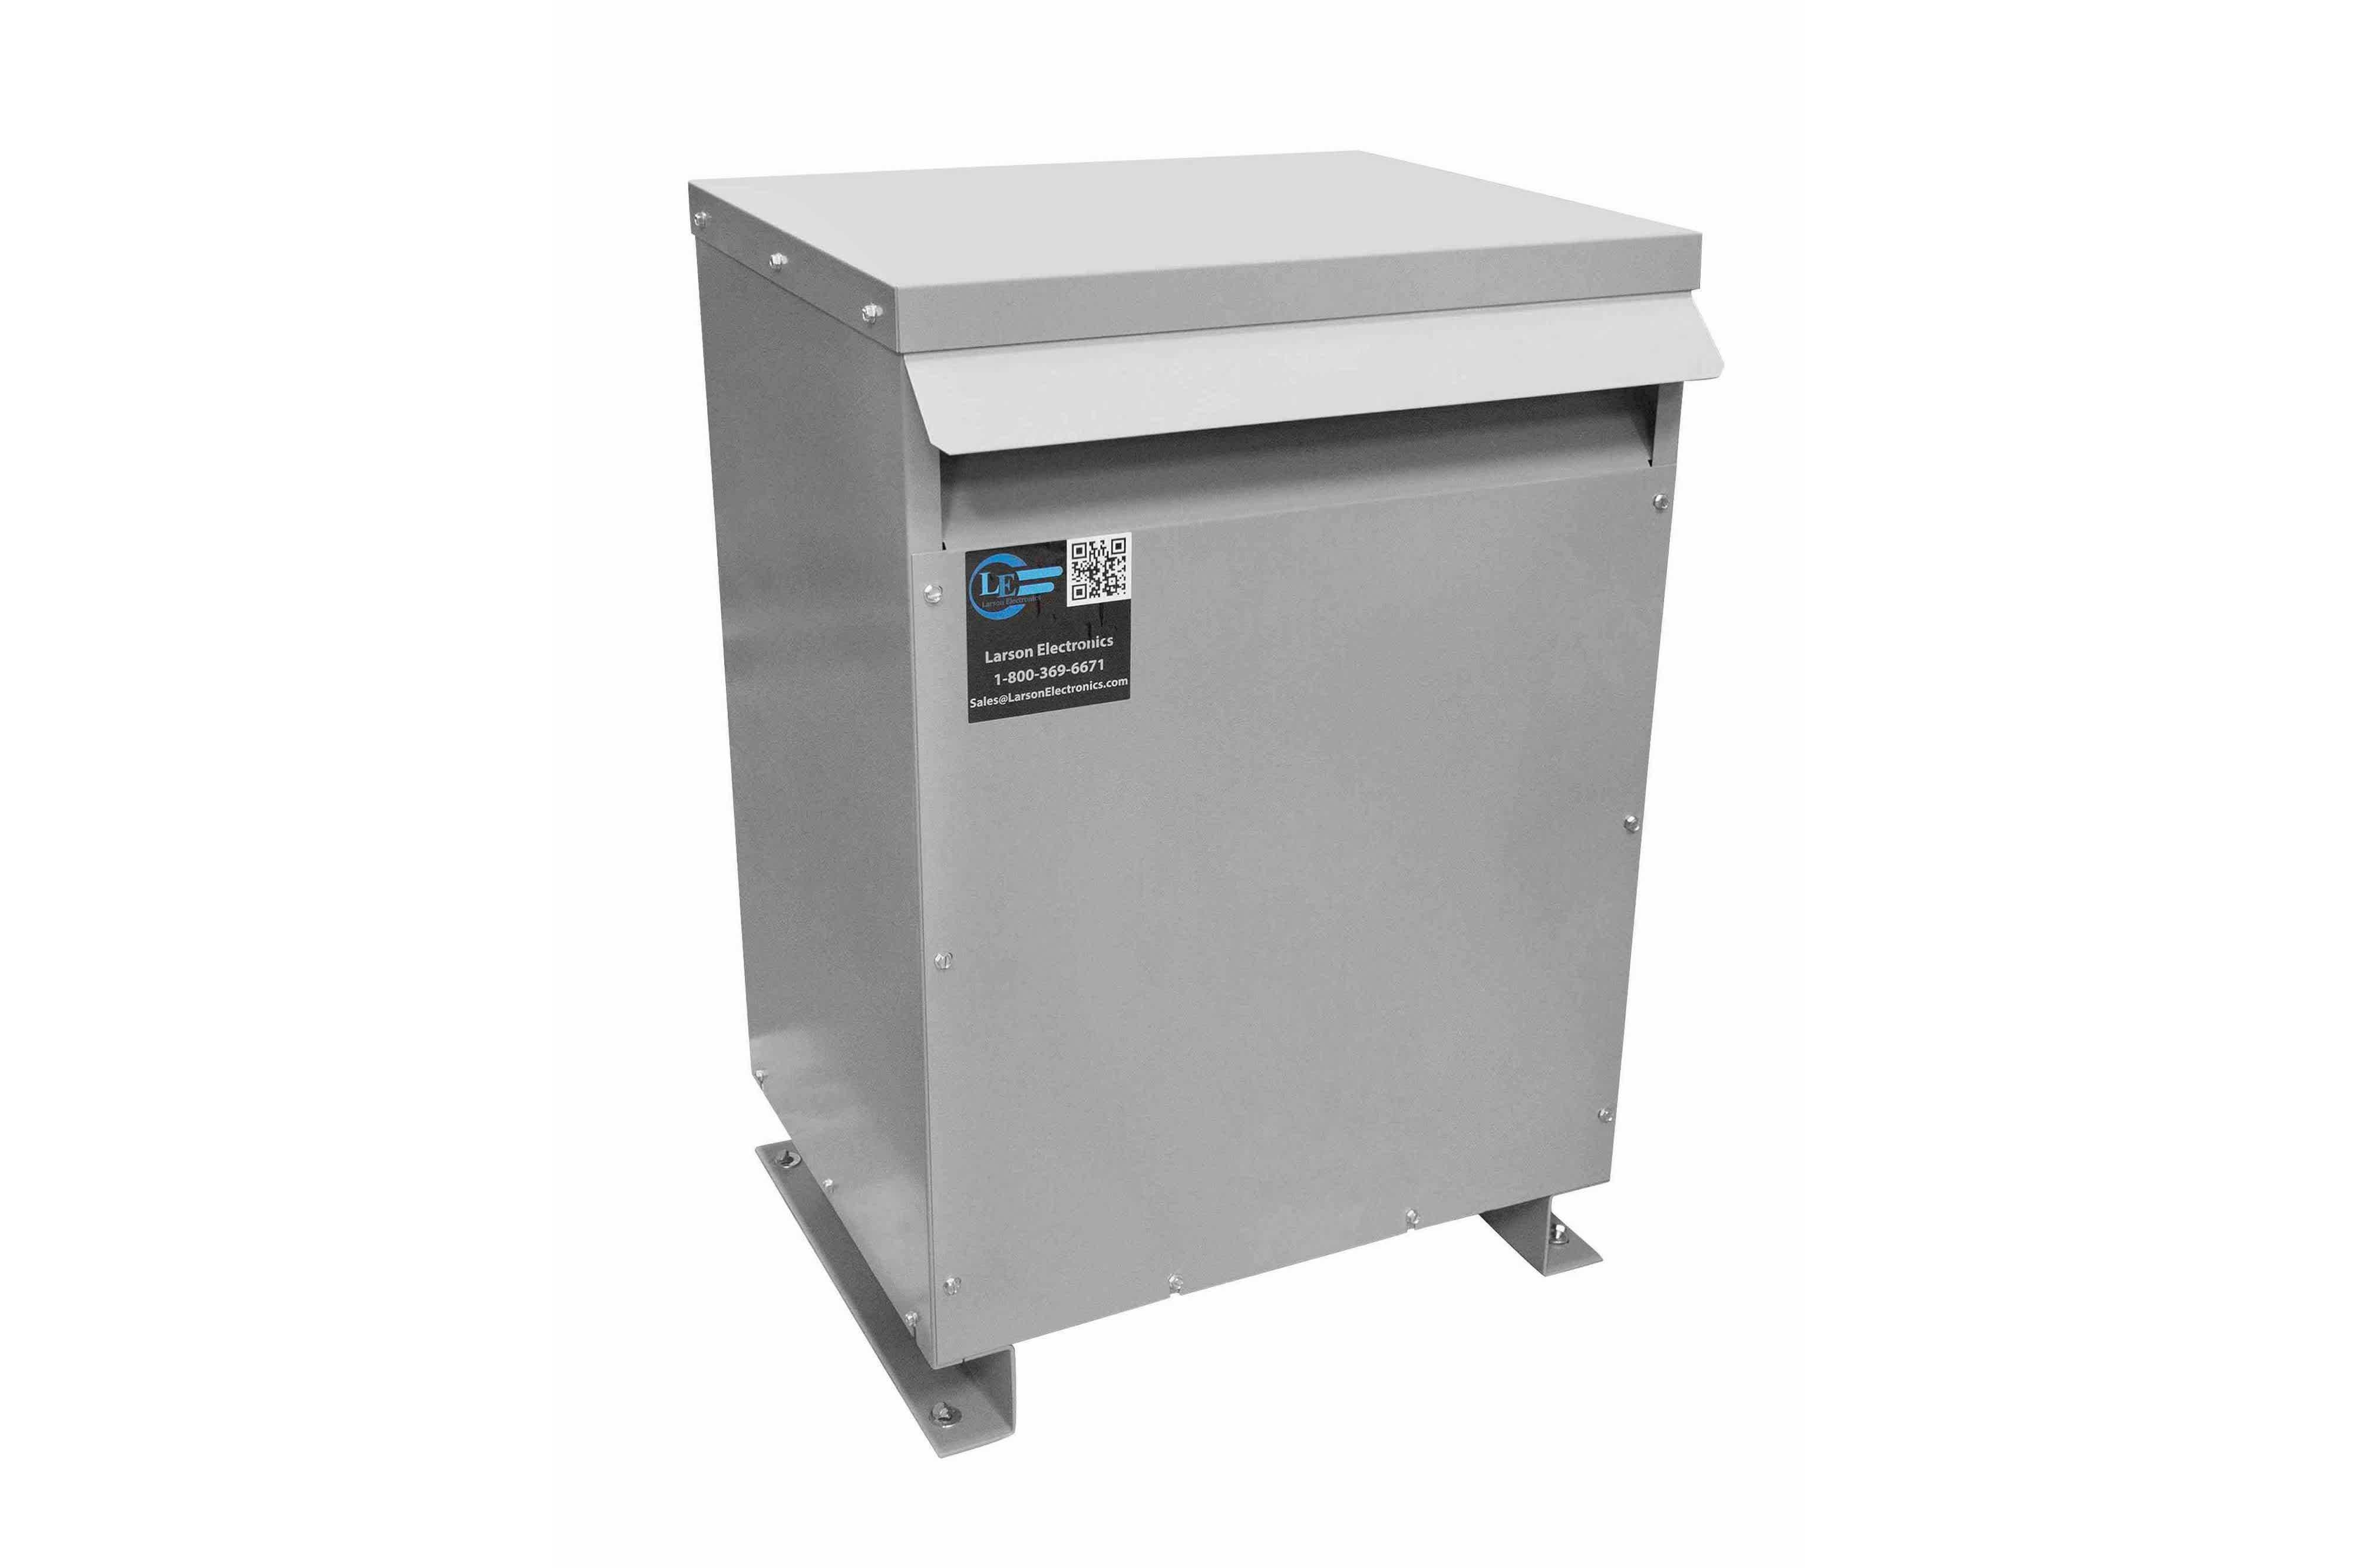 40 kVA 3PH Isolation Transformer, 600V Delta Primary, 480V Delta Secondary, N3R, Ventilated, 60 Hz